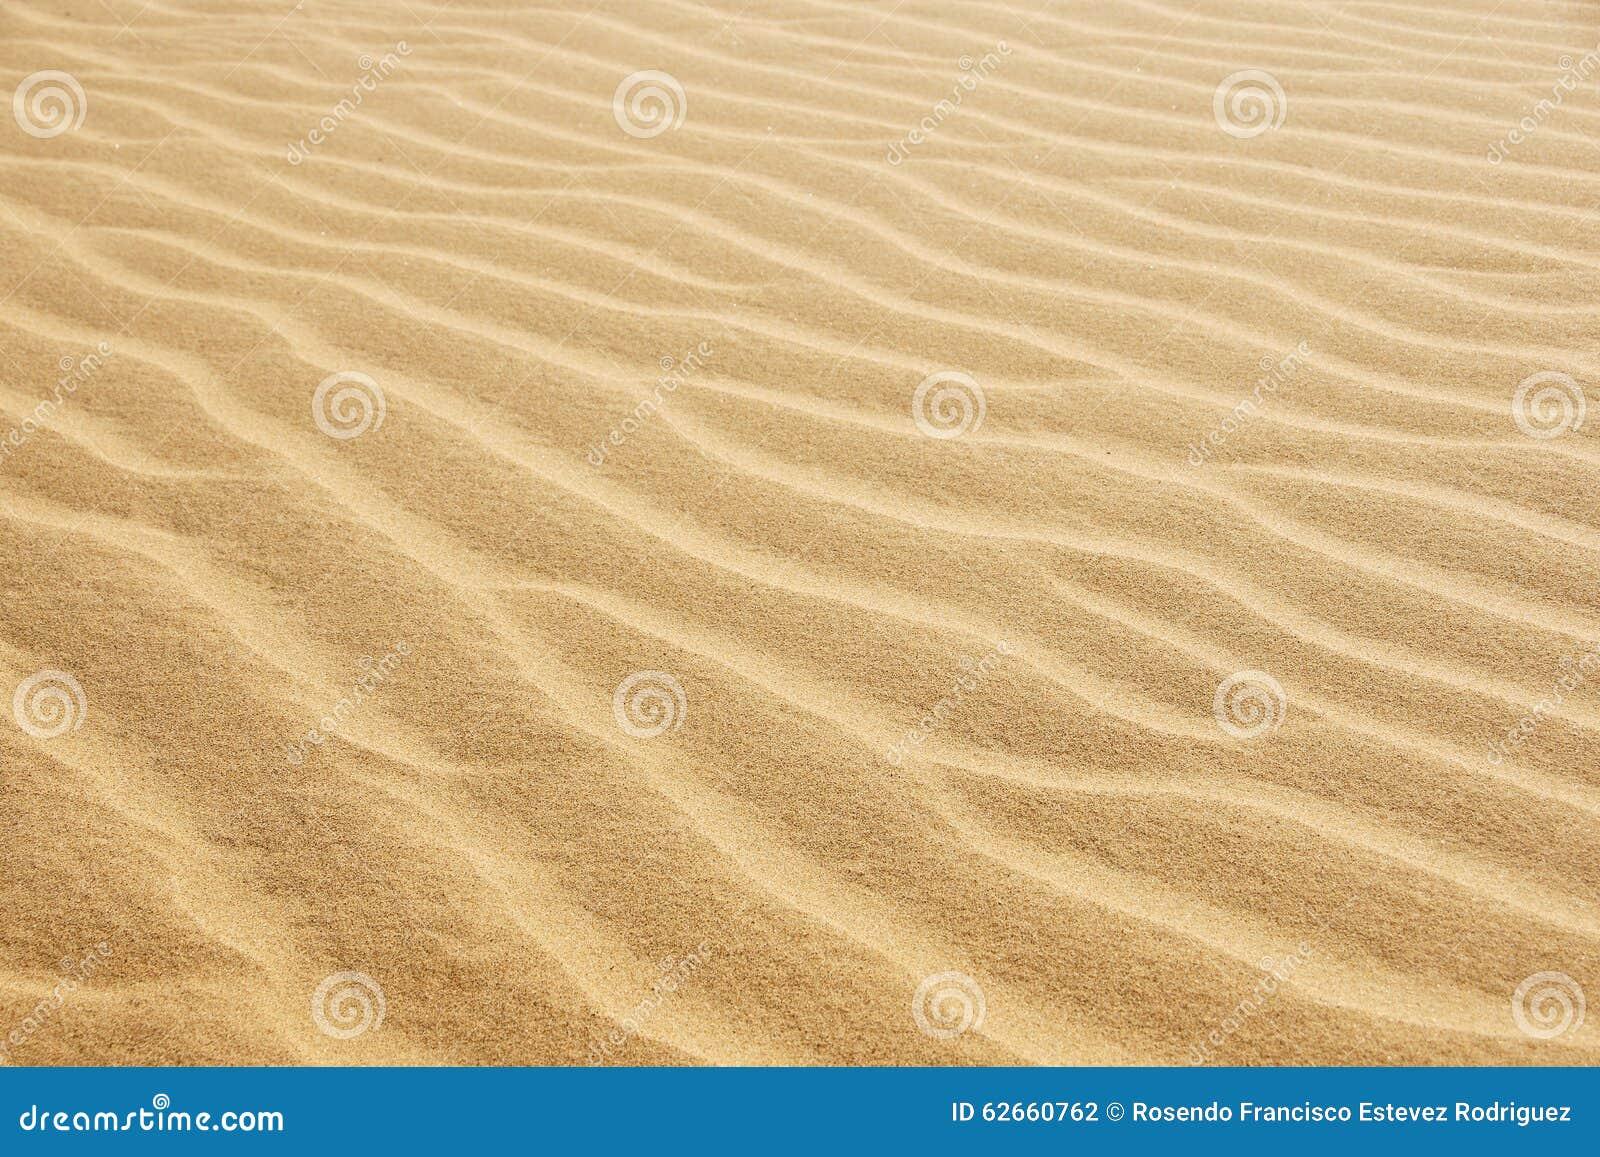 Abandone la arena